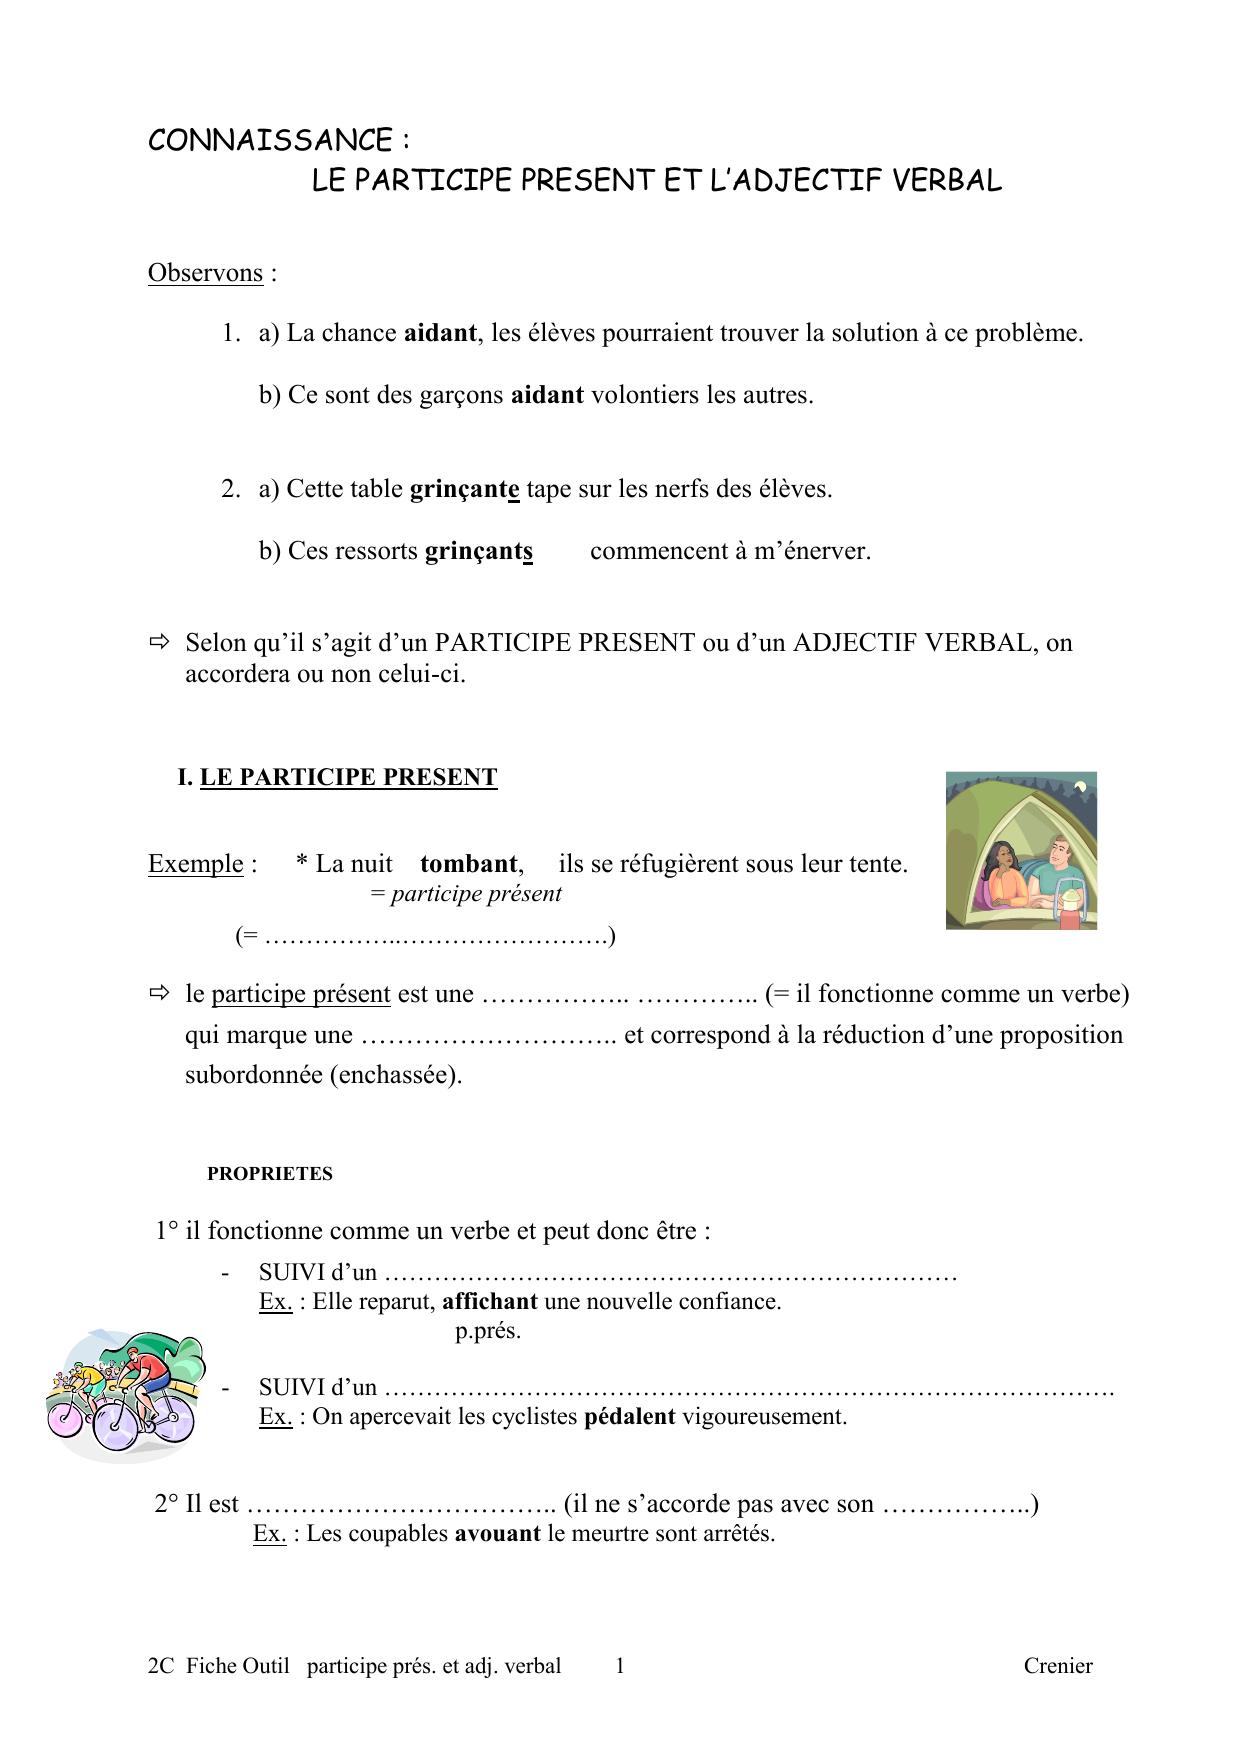 Le Participe Present Et L Adjectif Verbal